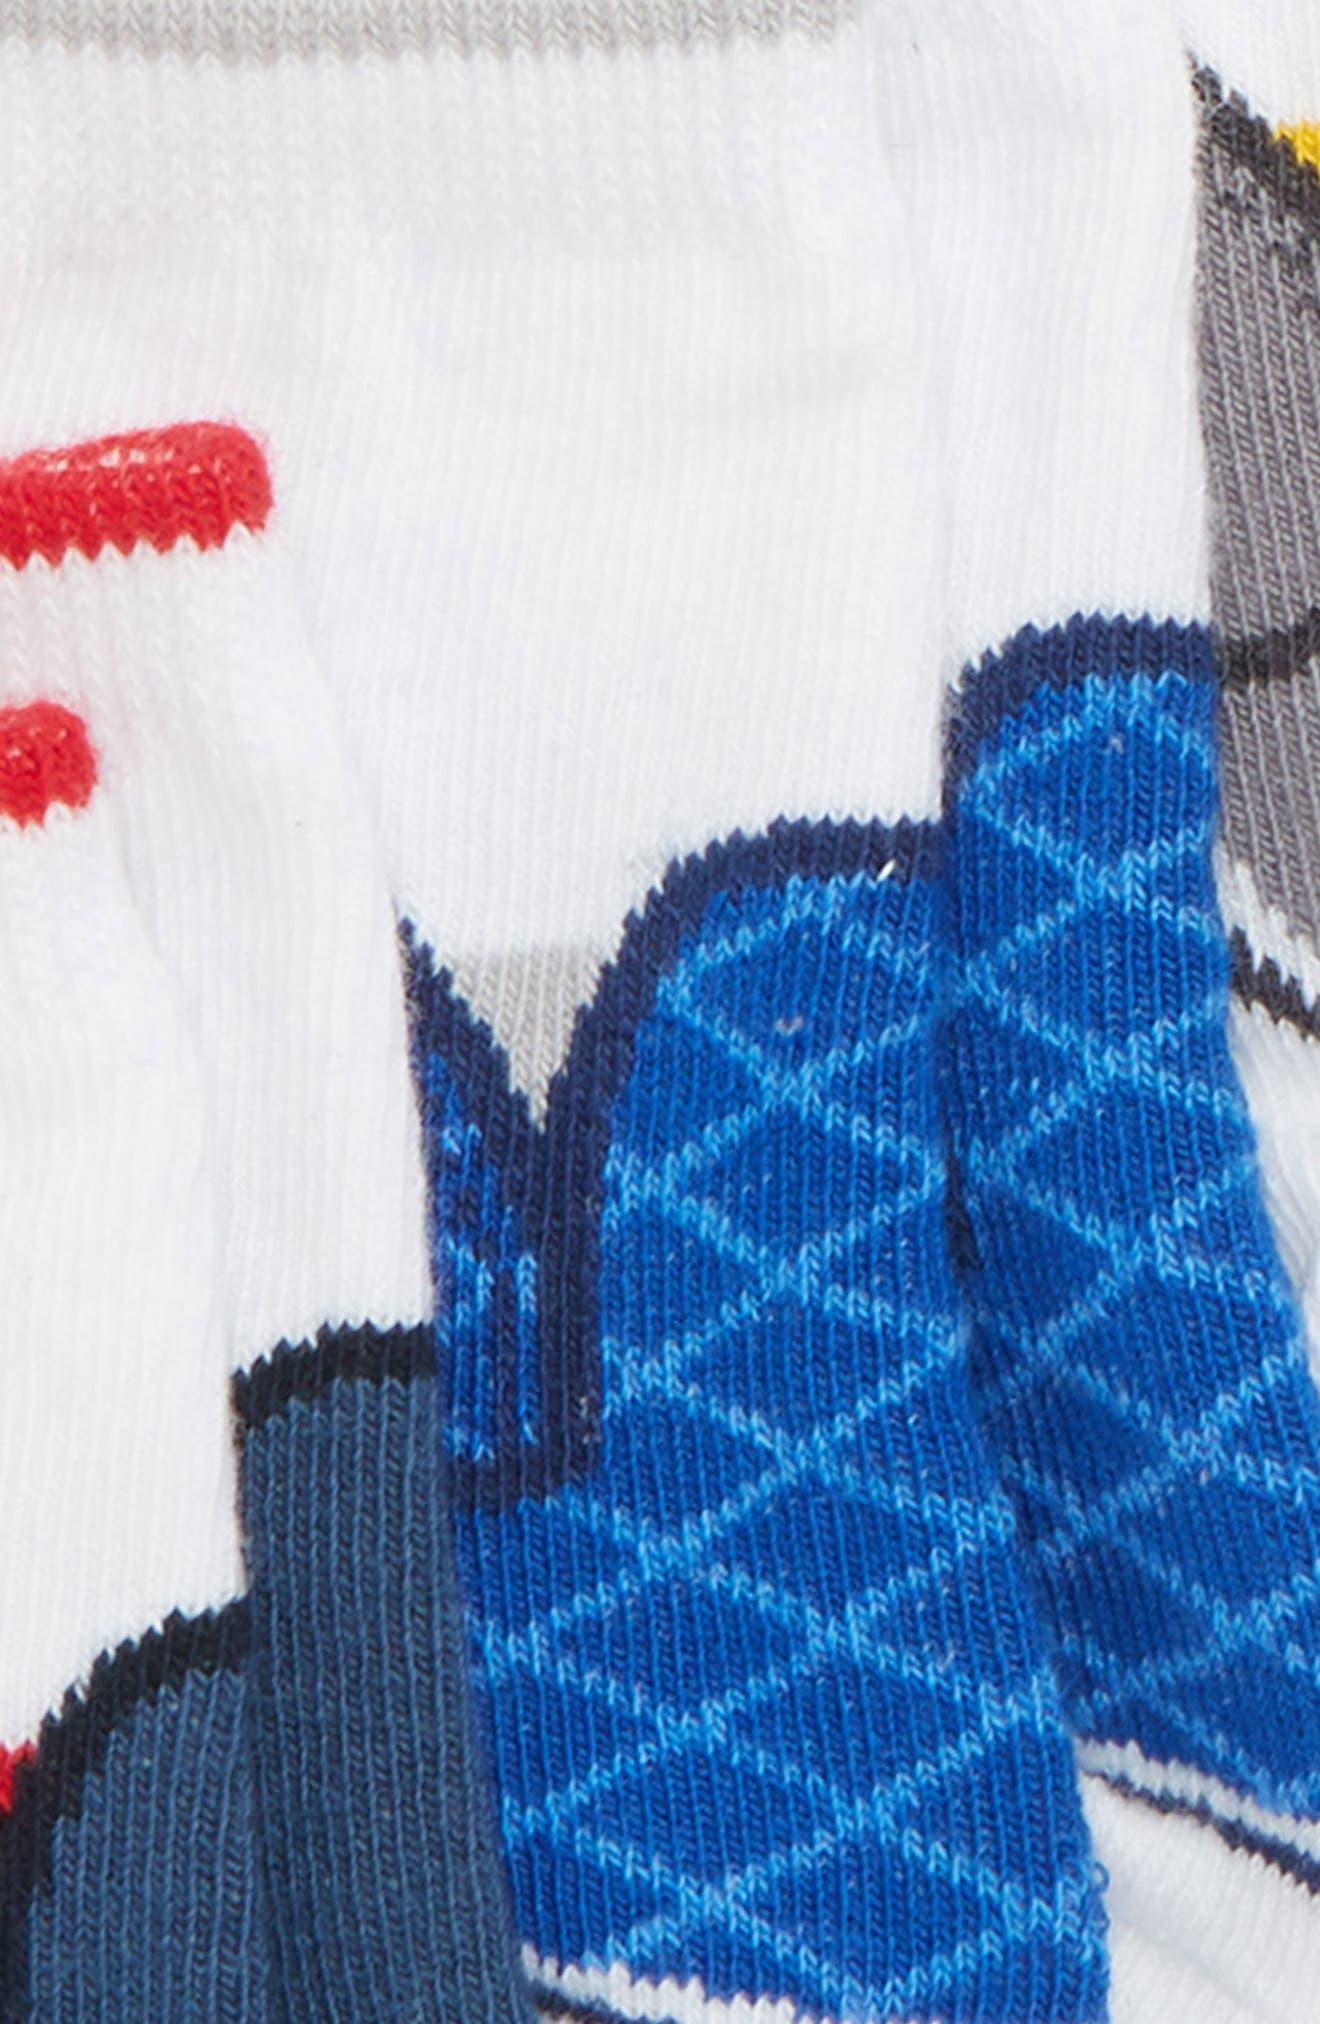 Preston 6-Pack Socks,                             Alternate thumbnail 3, color,                             ASSORTED NEUTRAL